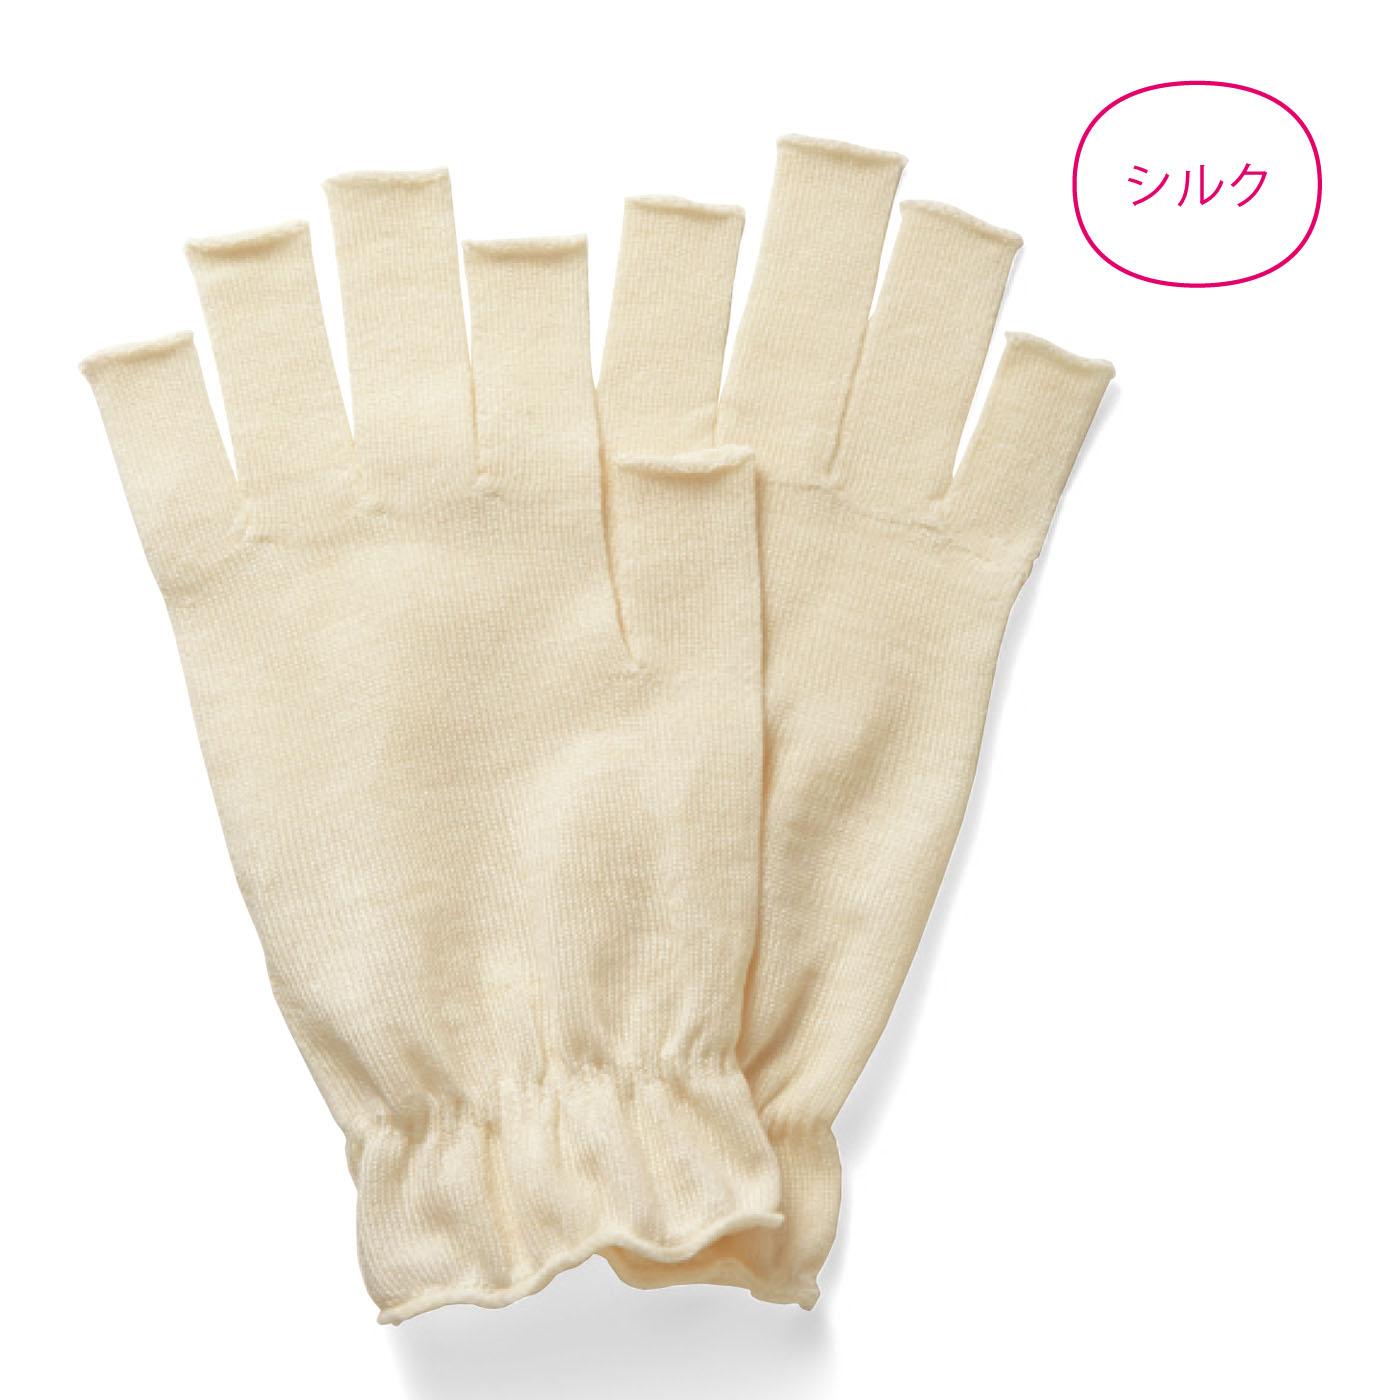 〈オフホワイト〉ハンドクリームを塗って着けると、夜のおやすみ手袋にも。